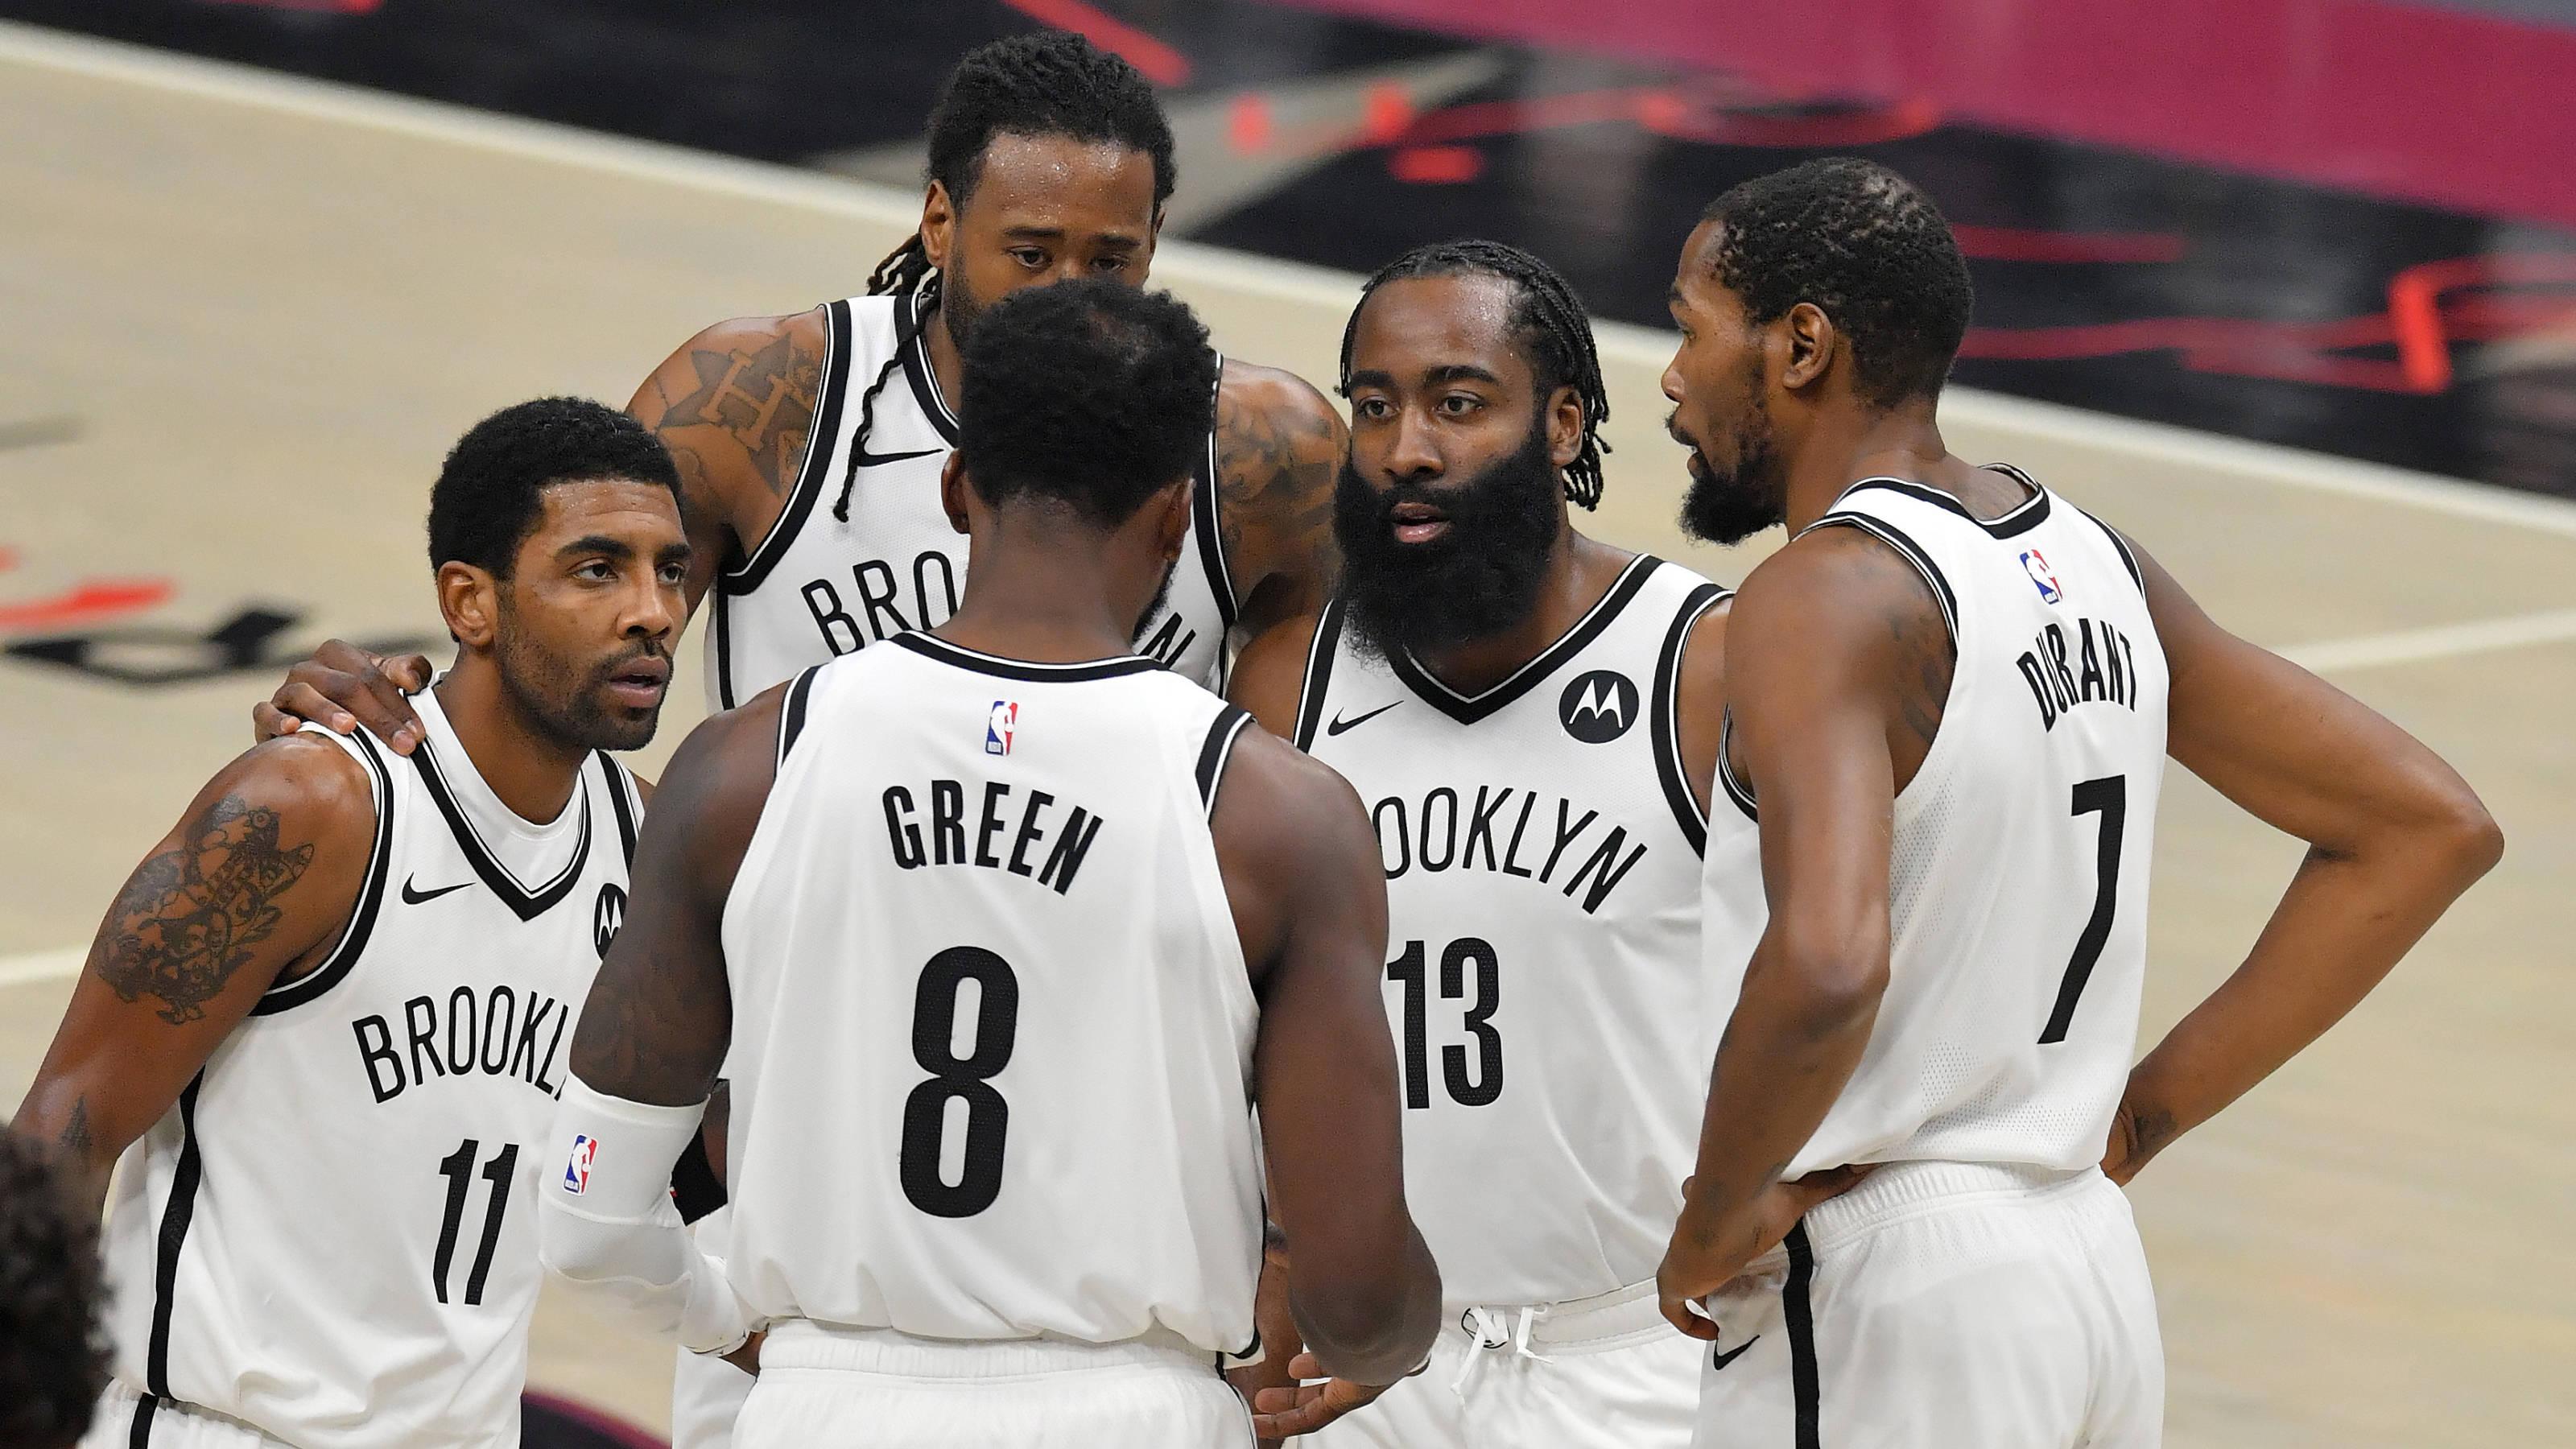 """在NBA这个联盟,每个时代都会有身处重建阶段并且表现不佳的"""""""